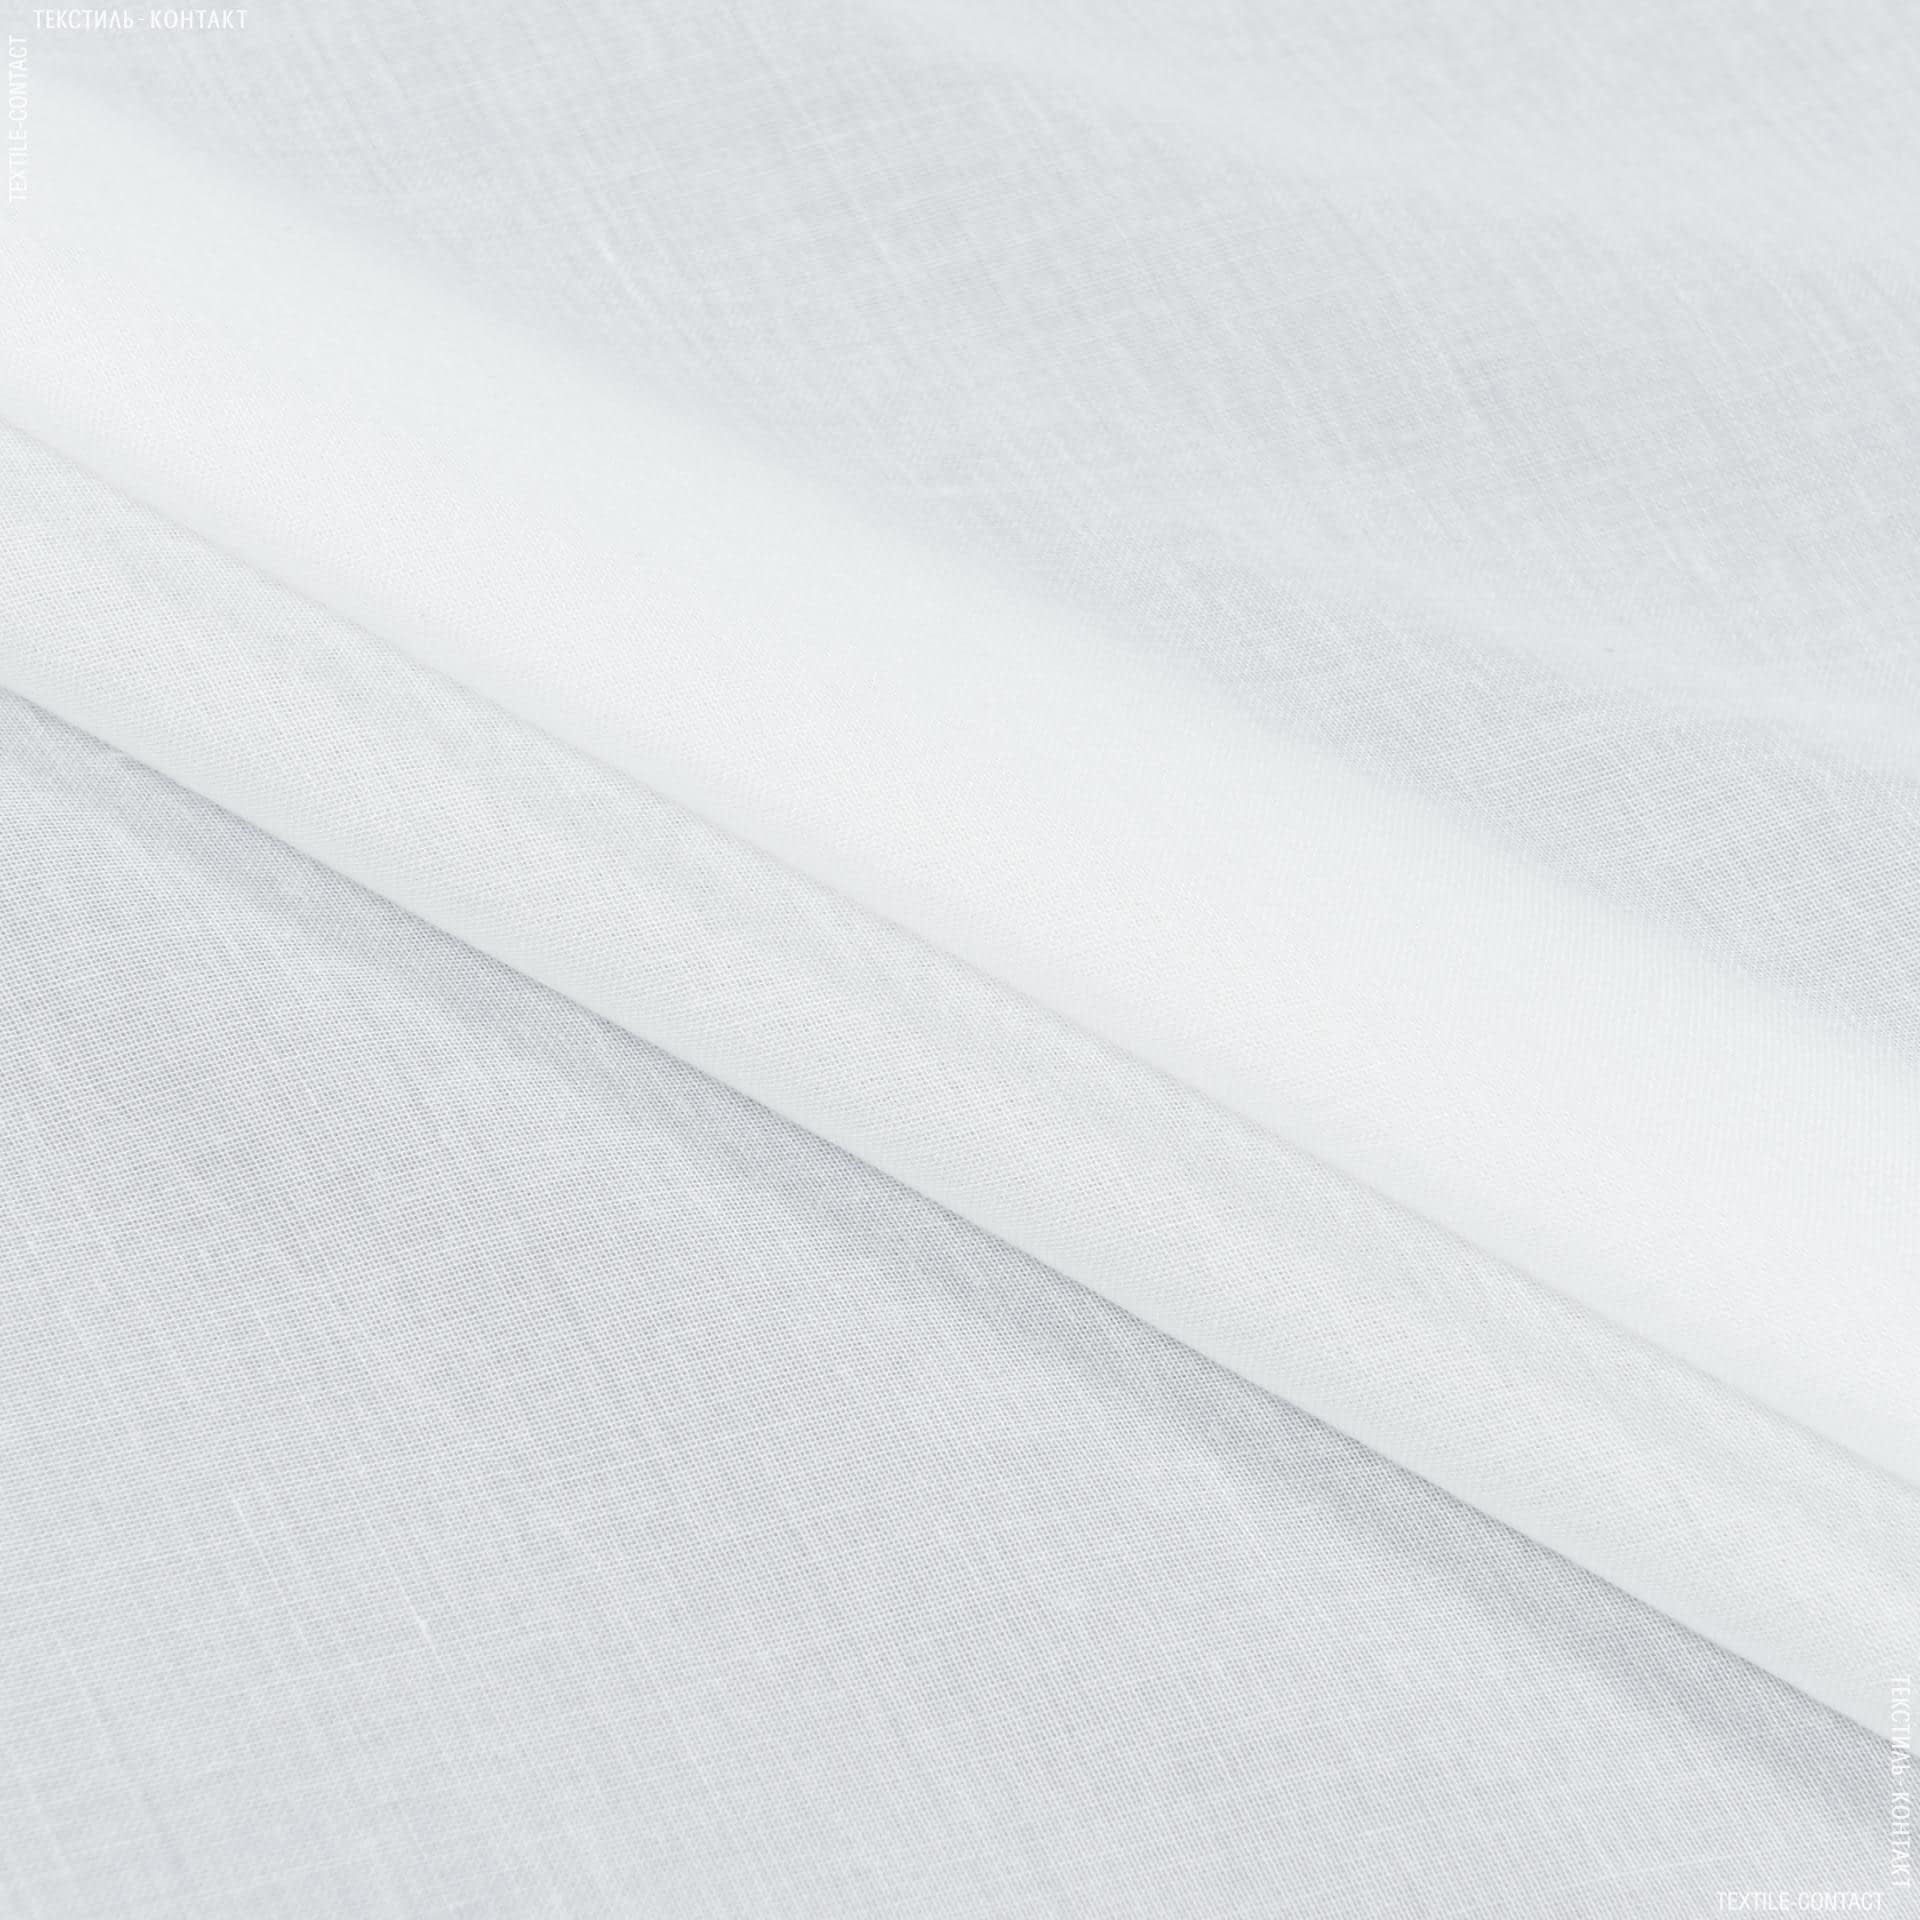 Ткани для драпировки стен и потолков - Тюль  батист  фантазия молочный  с утяжелителем